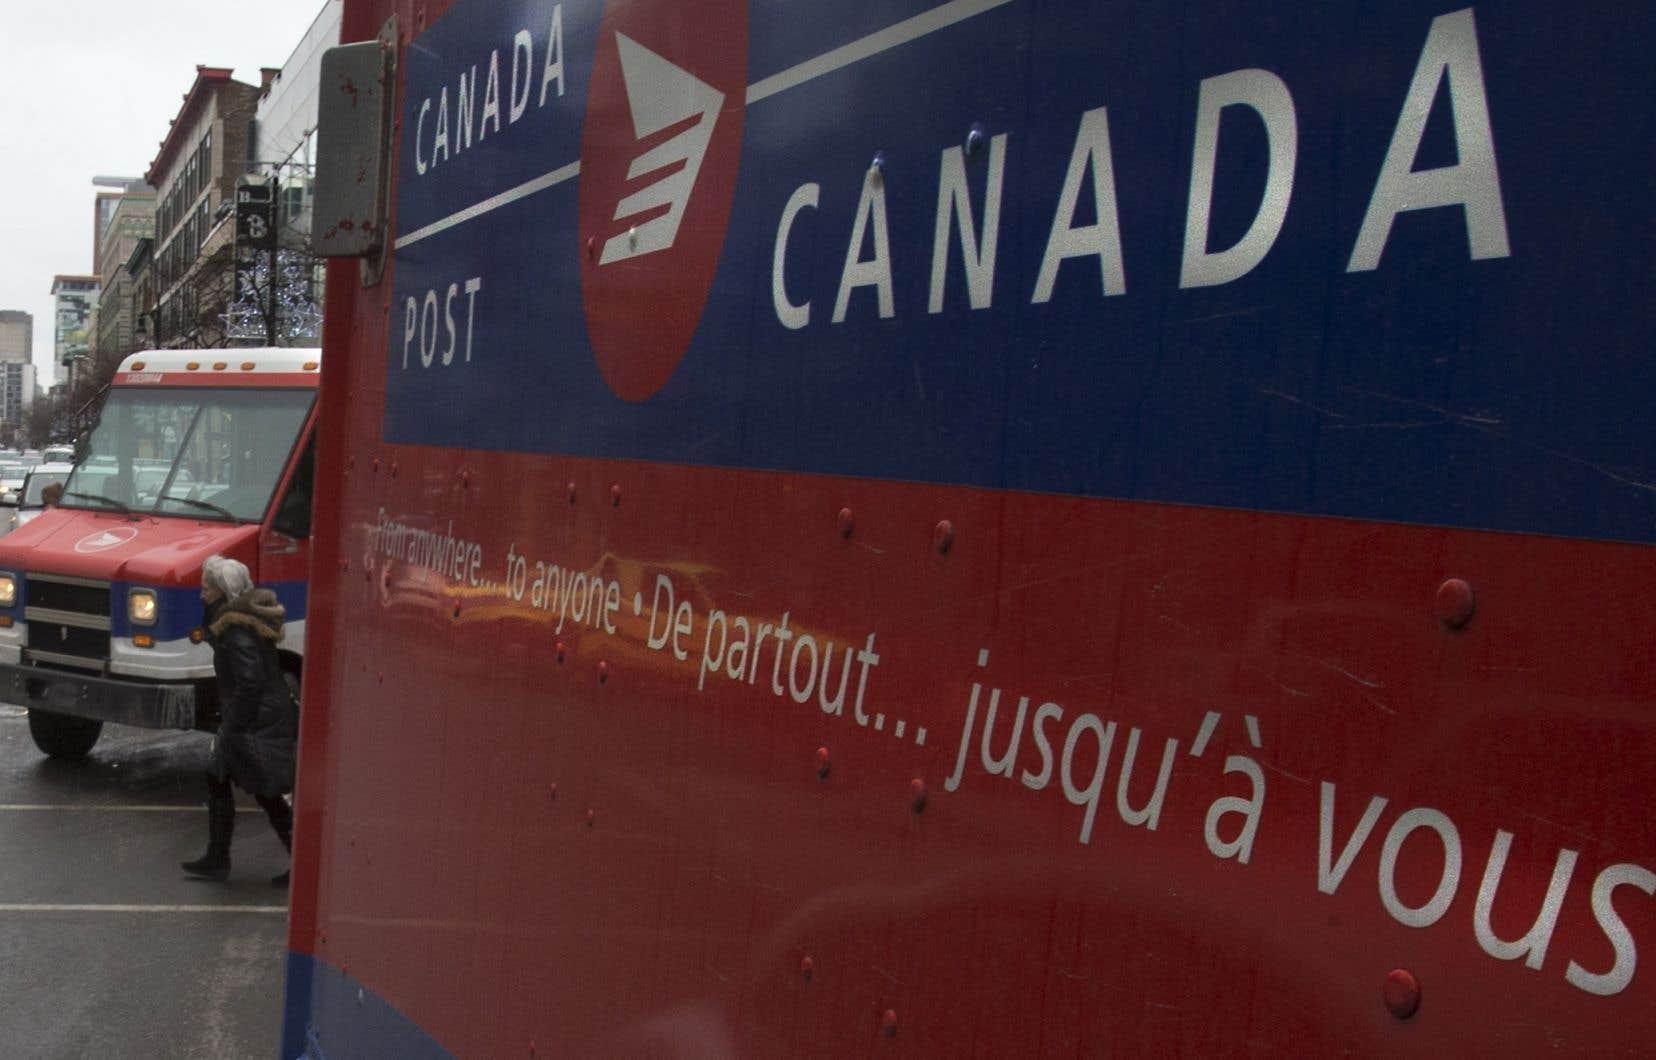 Postes Canada rappelle qu'il n'y a pas de service de livraison ni de ramassage de courrier ou de colis dans les zones touchées pendant que le syndicat poursuit la grève.